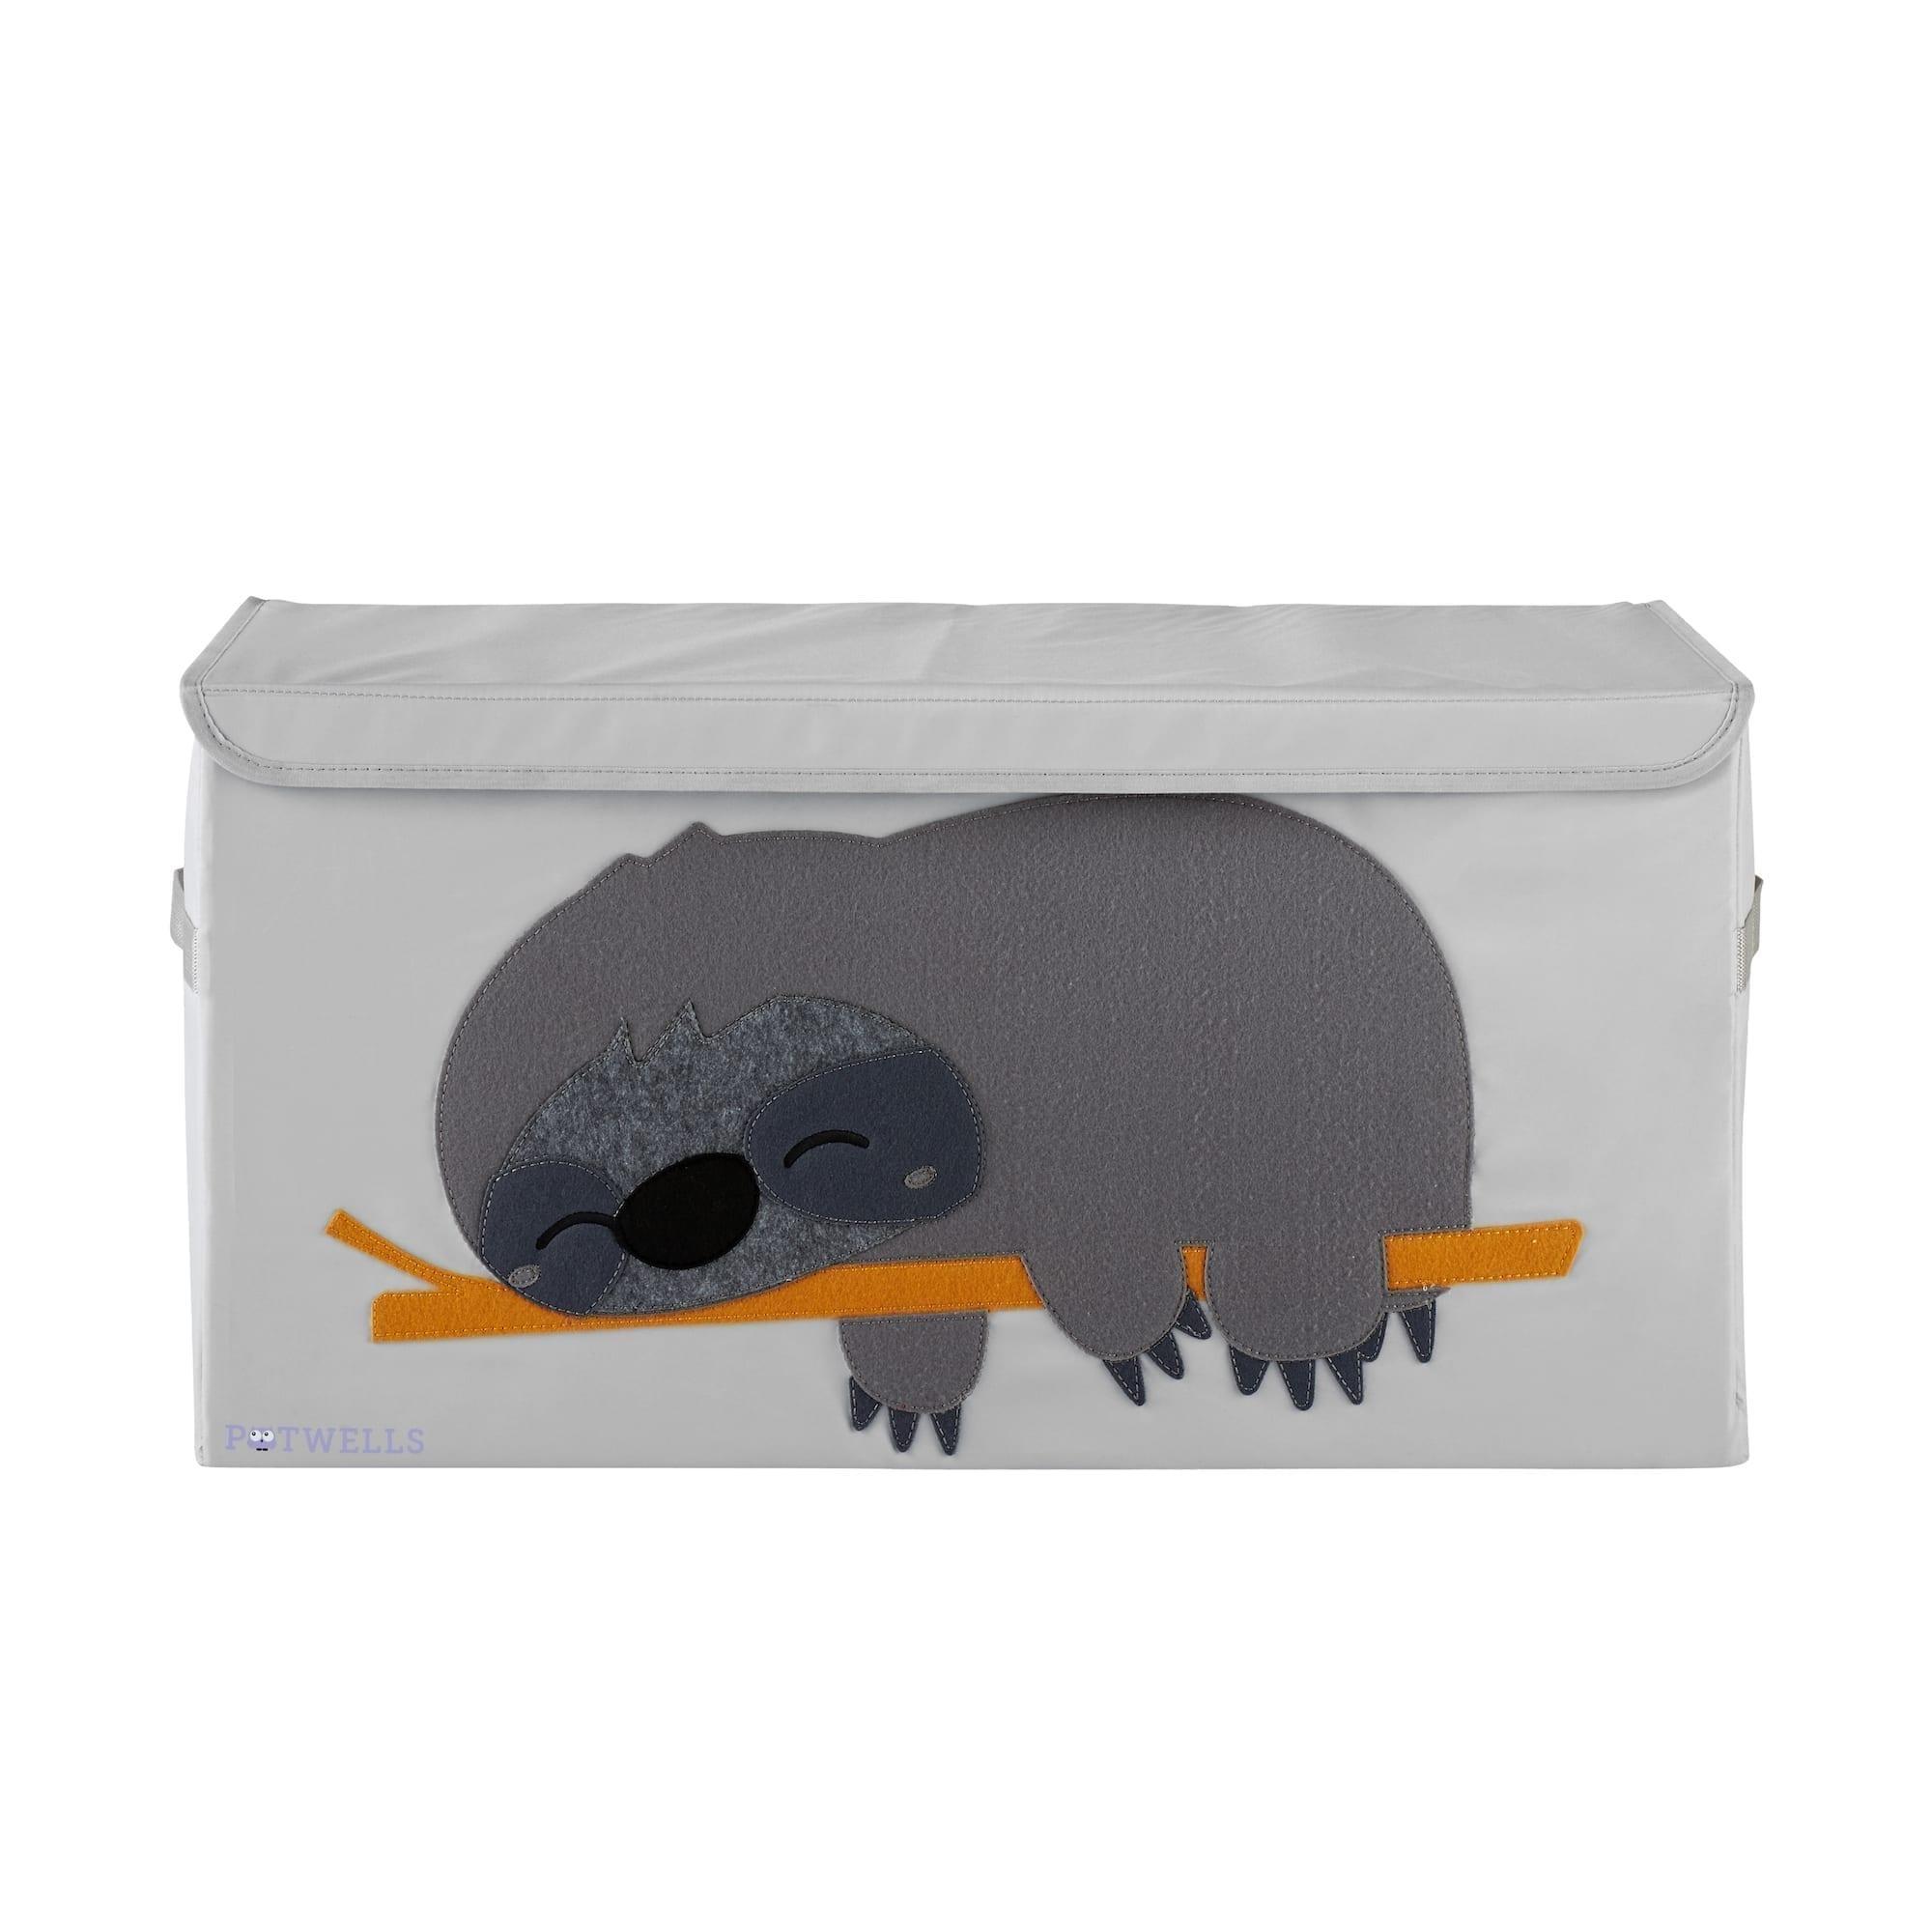 Sloth Storage Chest